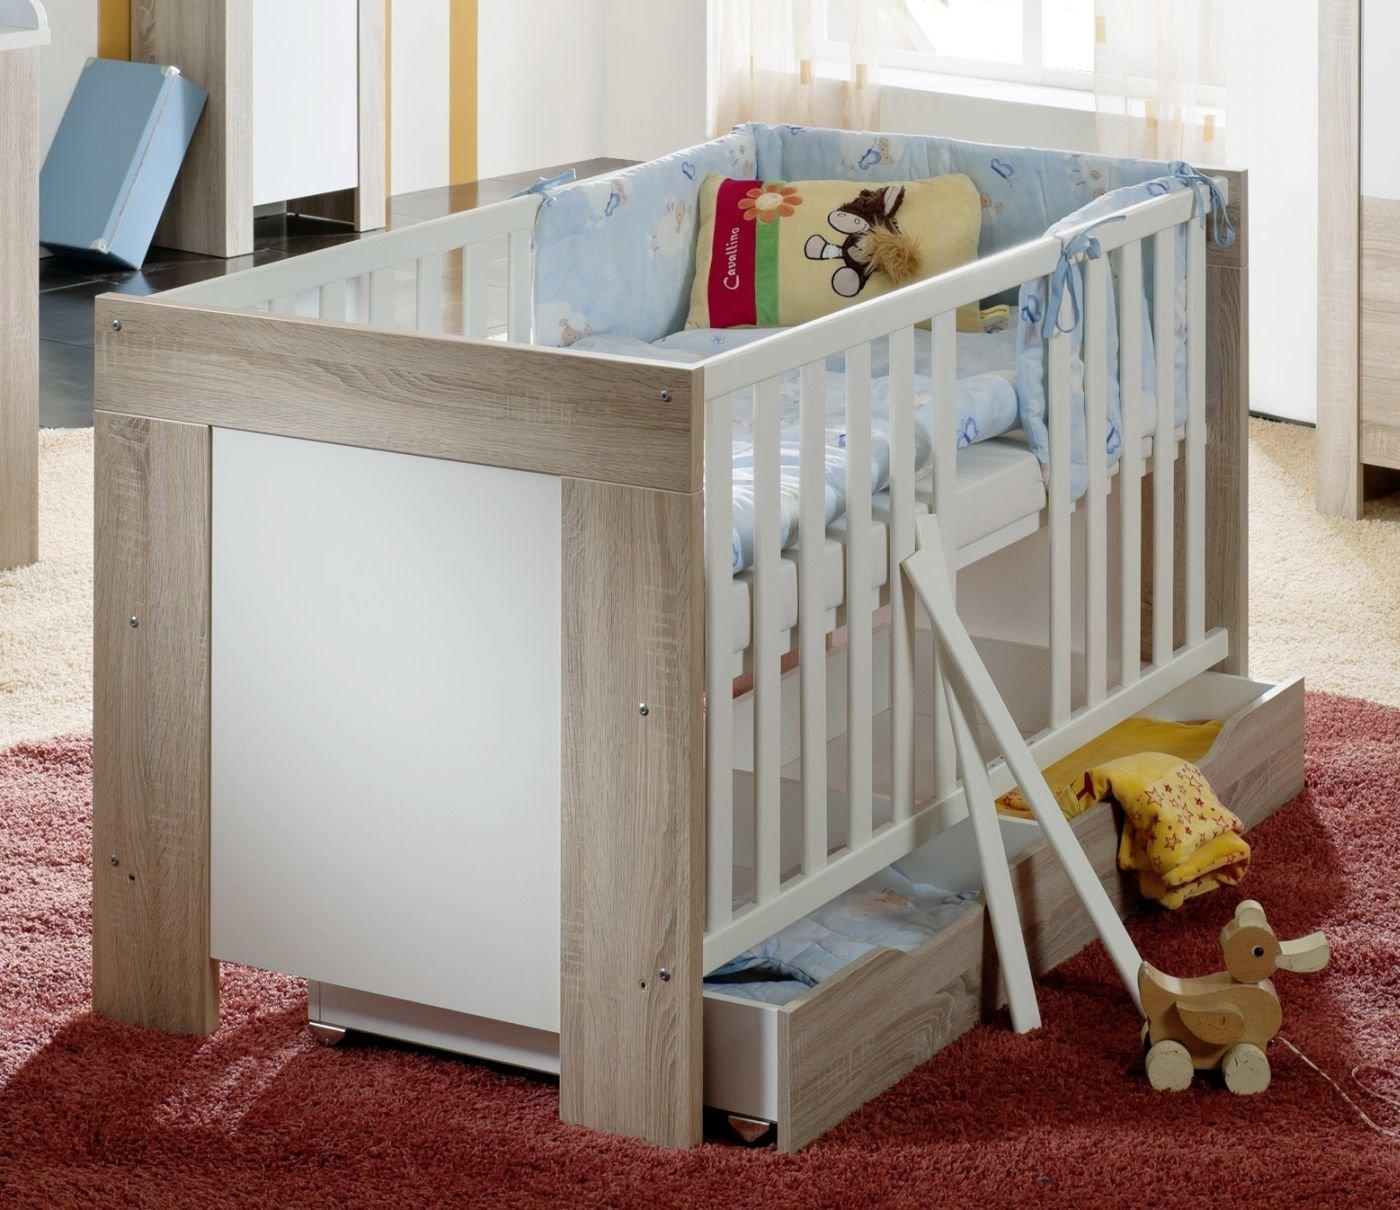 Ben Kinderbett mit 3 Schlupfsprossen inkl. Seitenteile und 3-fach verstellbaren Lattenrost in eiche sägerau / weiss matt (E1 Spanplatten) jetzt kaufen